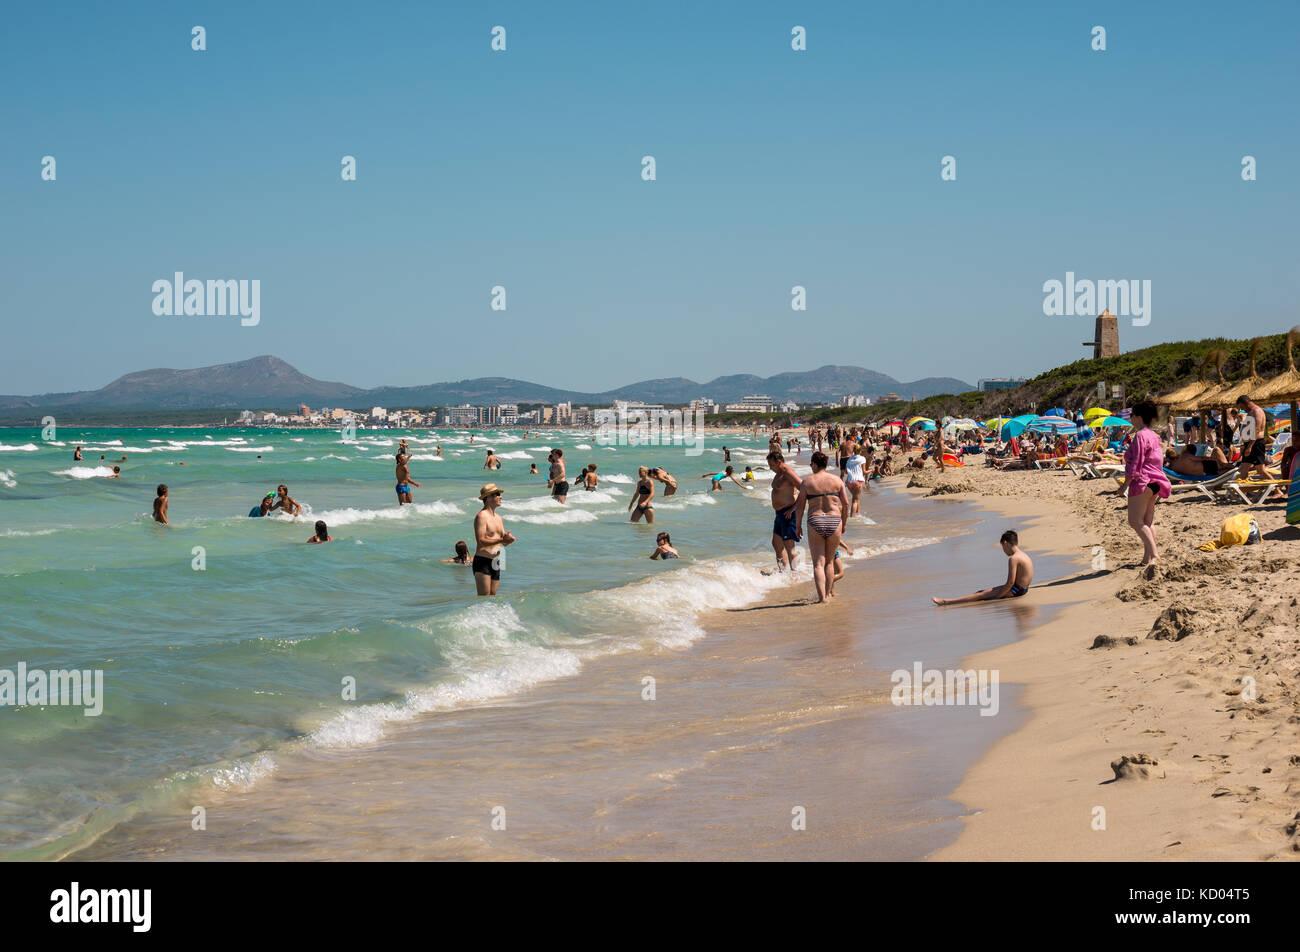 Touristen in Playa de Muro bei Can picafort Stadt und die Berge im Hintergrund, nördlichen Teil der Insel Mallorca Stockbild